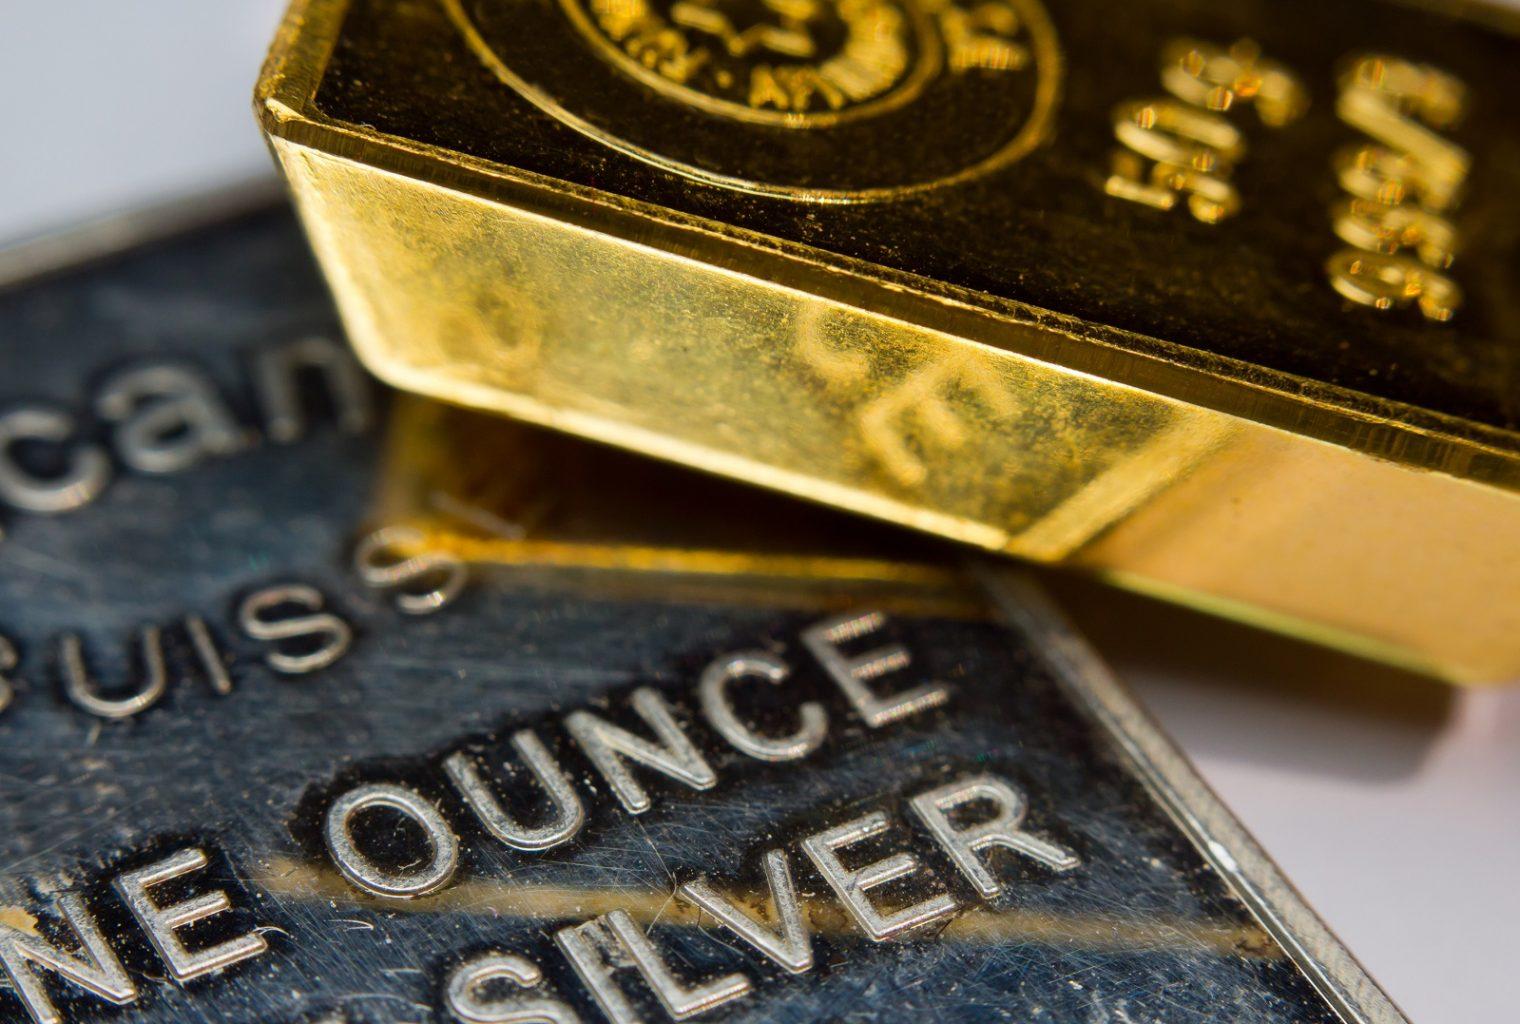 El oro y la plata siguen una tendencia similar a Bitcoin, reaccionan a las noticias sobre China